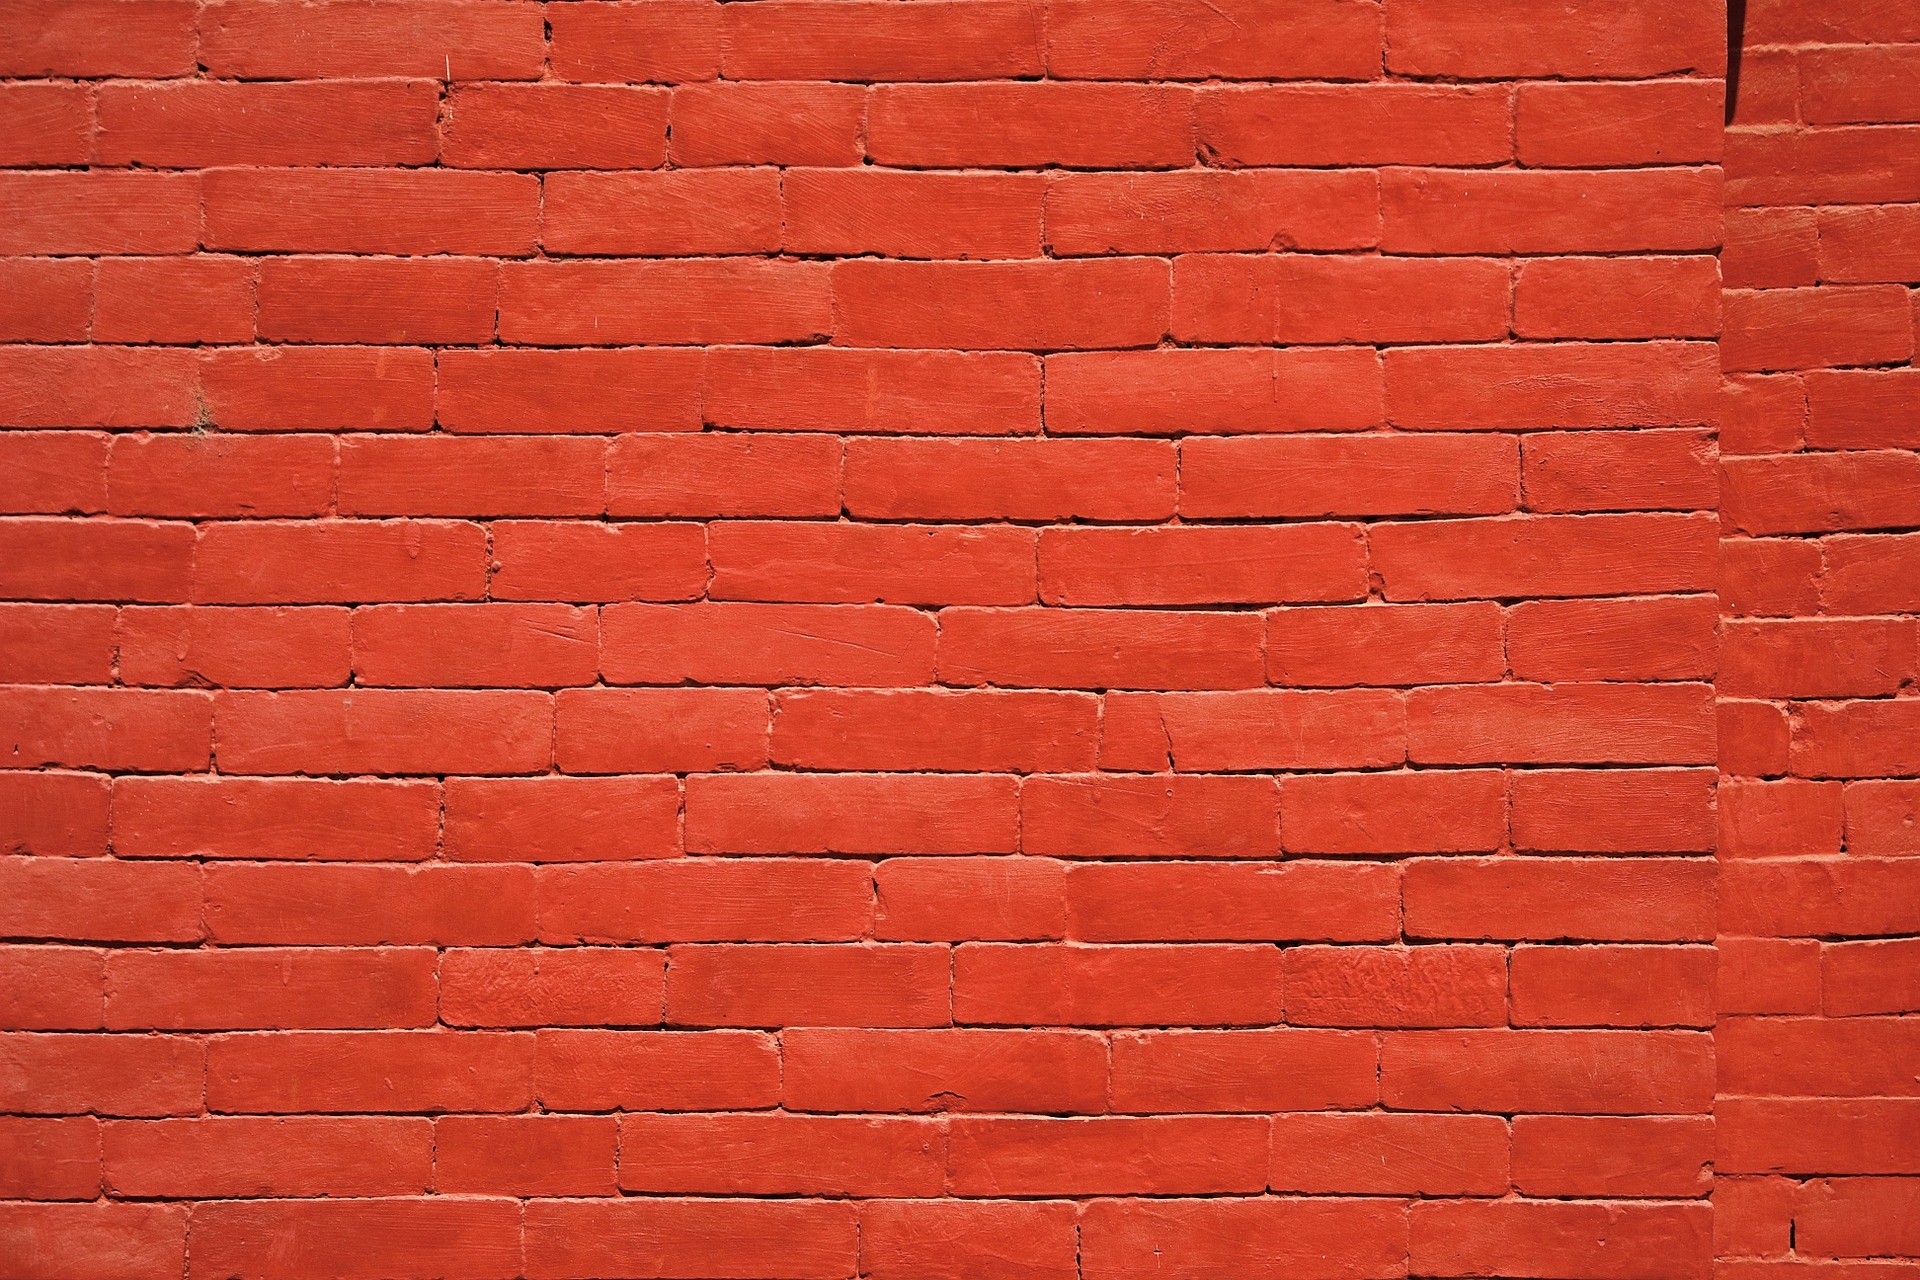 tela de fundo tijolos educando na a u00e7 u00e3o   educando na u00e7 u00e3o red brick house clipart House Clip Art